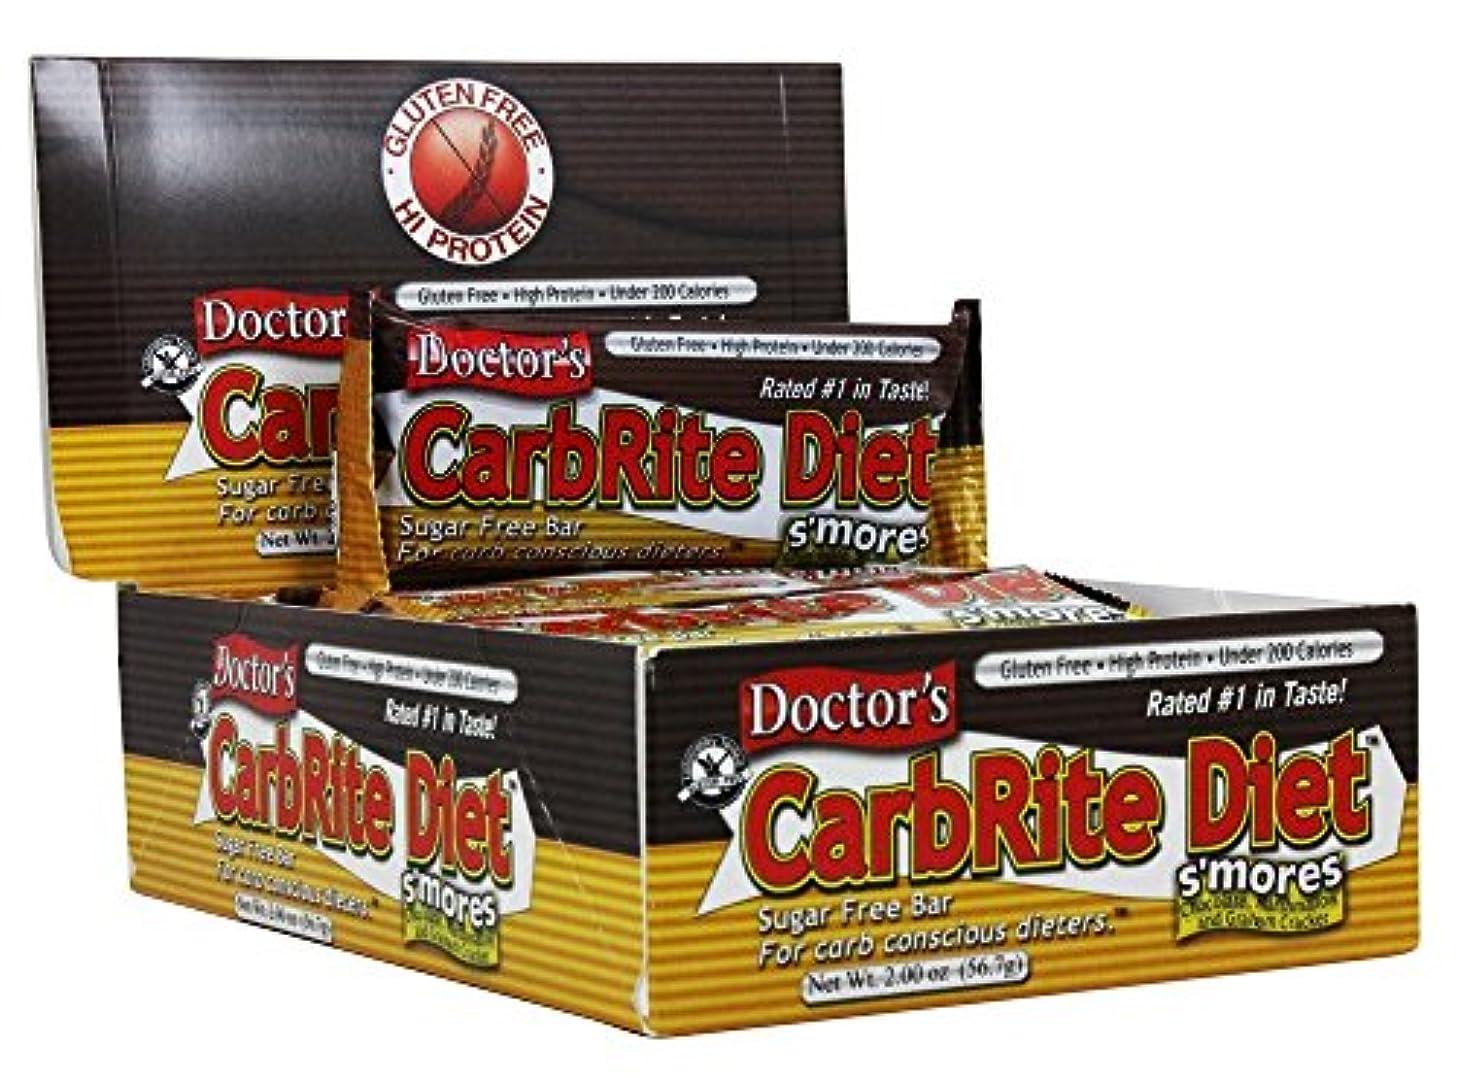 交差点加害者英語の授業がありますUniversal Nutrition, Doctor's CarbRite Diet Bar, Sugar Free, Smores, 12 Bars, 2.00 oz (56.7 g) Each